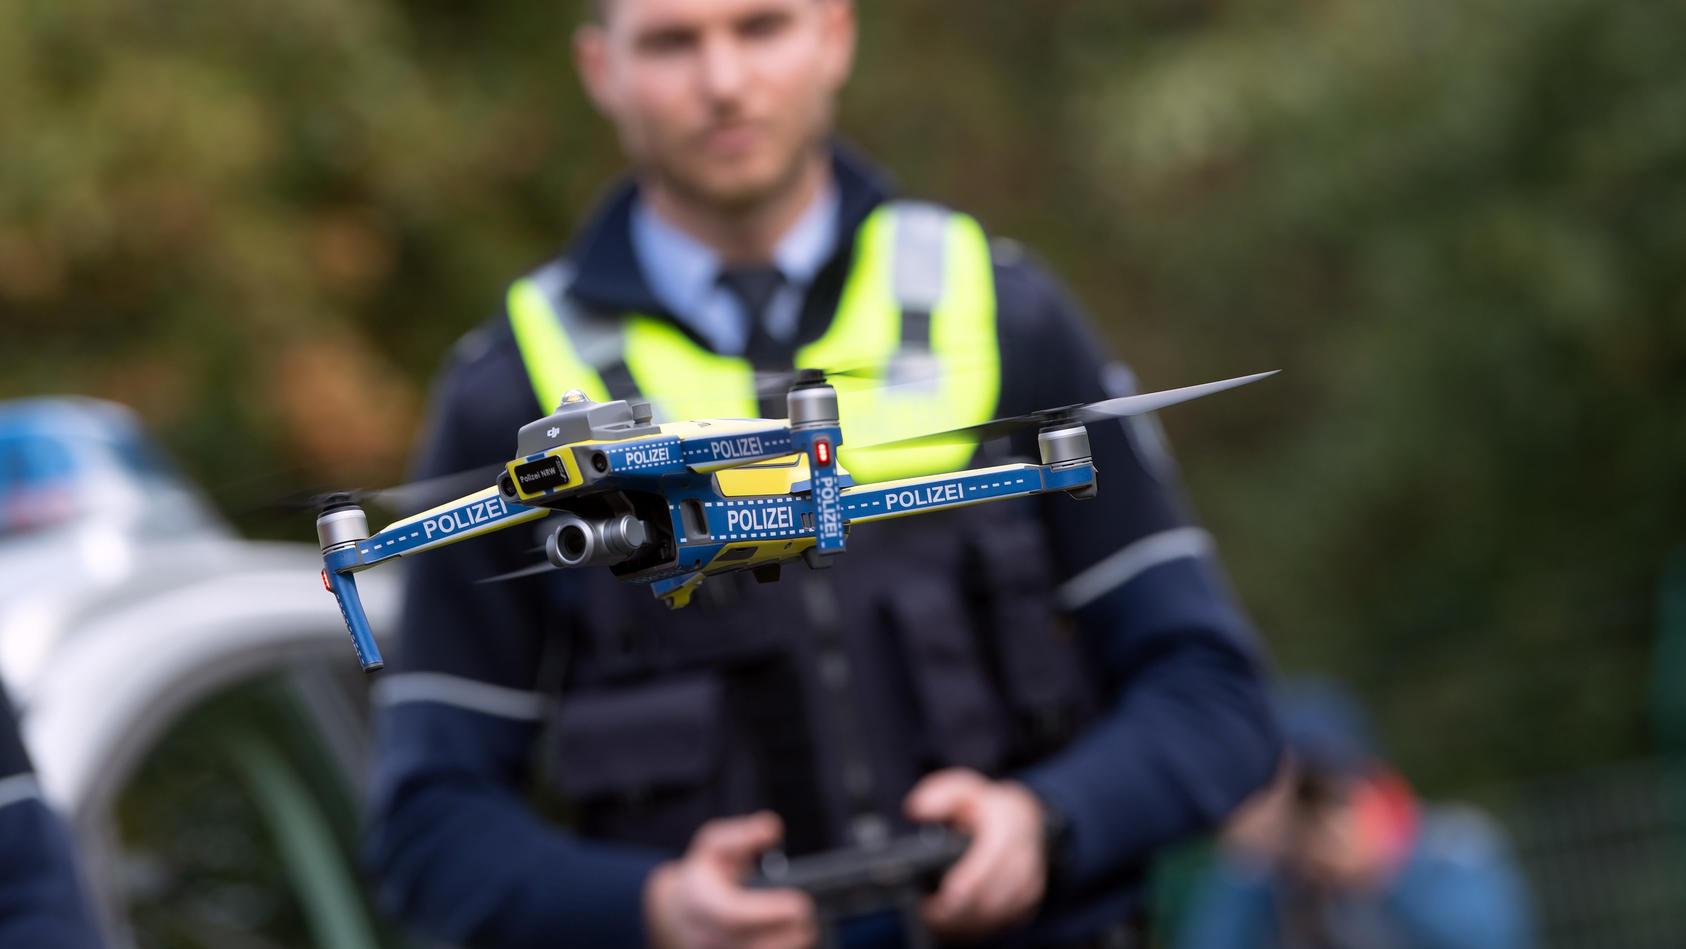 Eine Drohne durch die Polizei im Einsatz